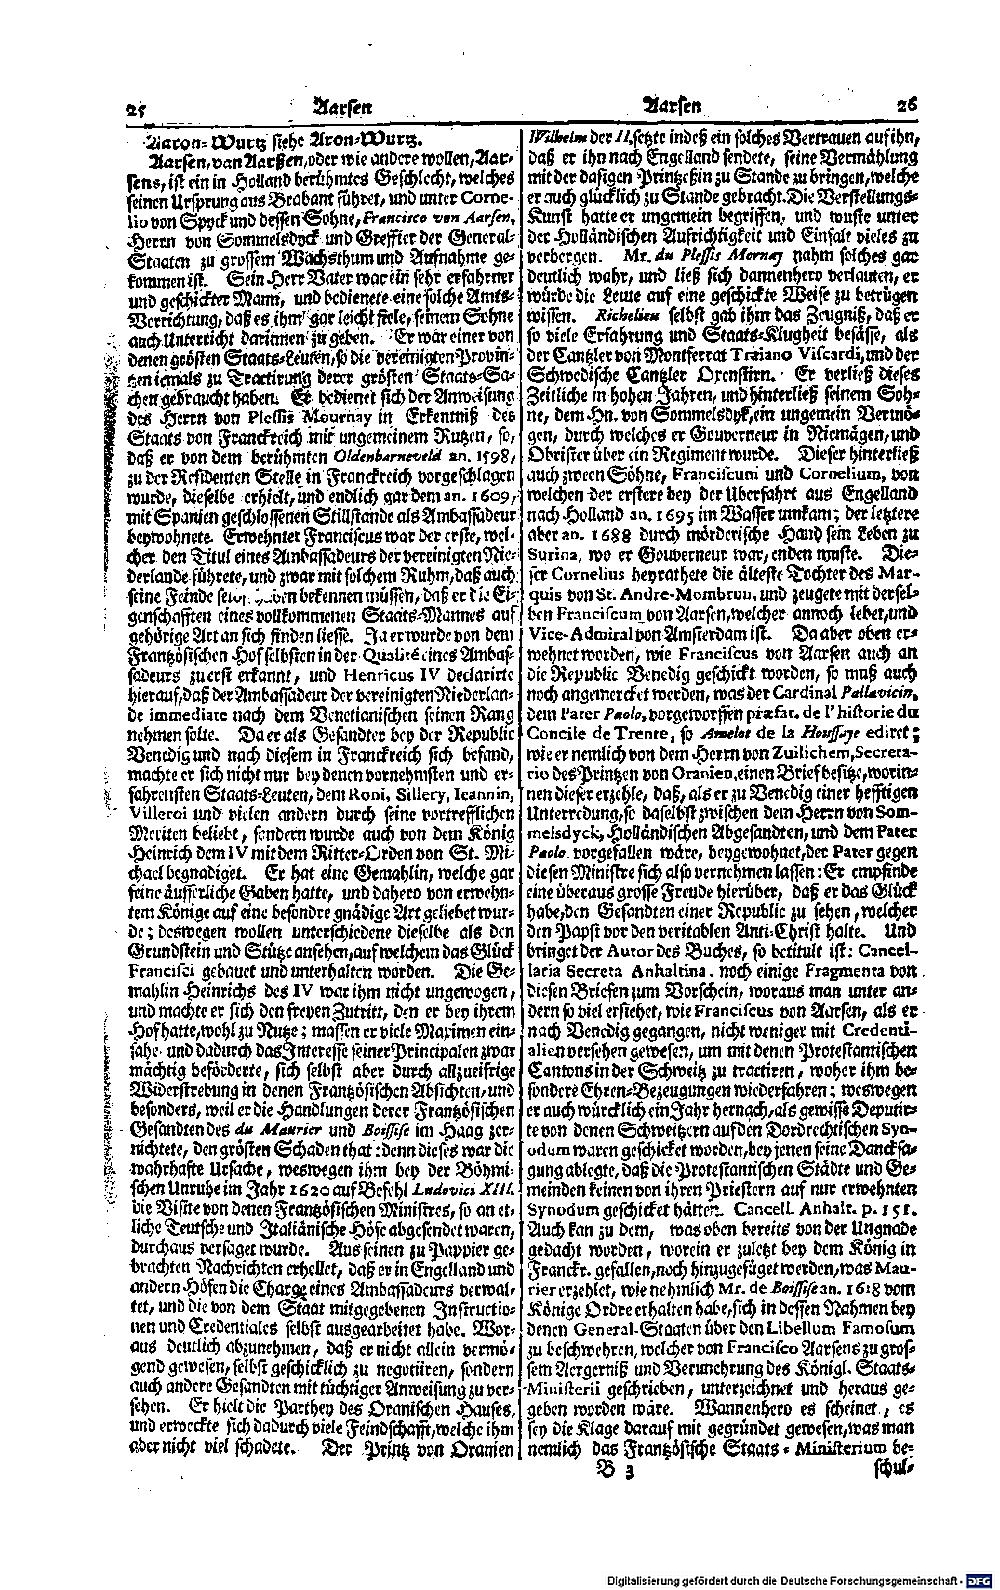 Bd. 1, Seite 0052.